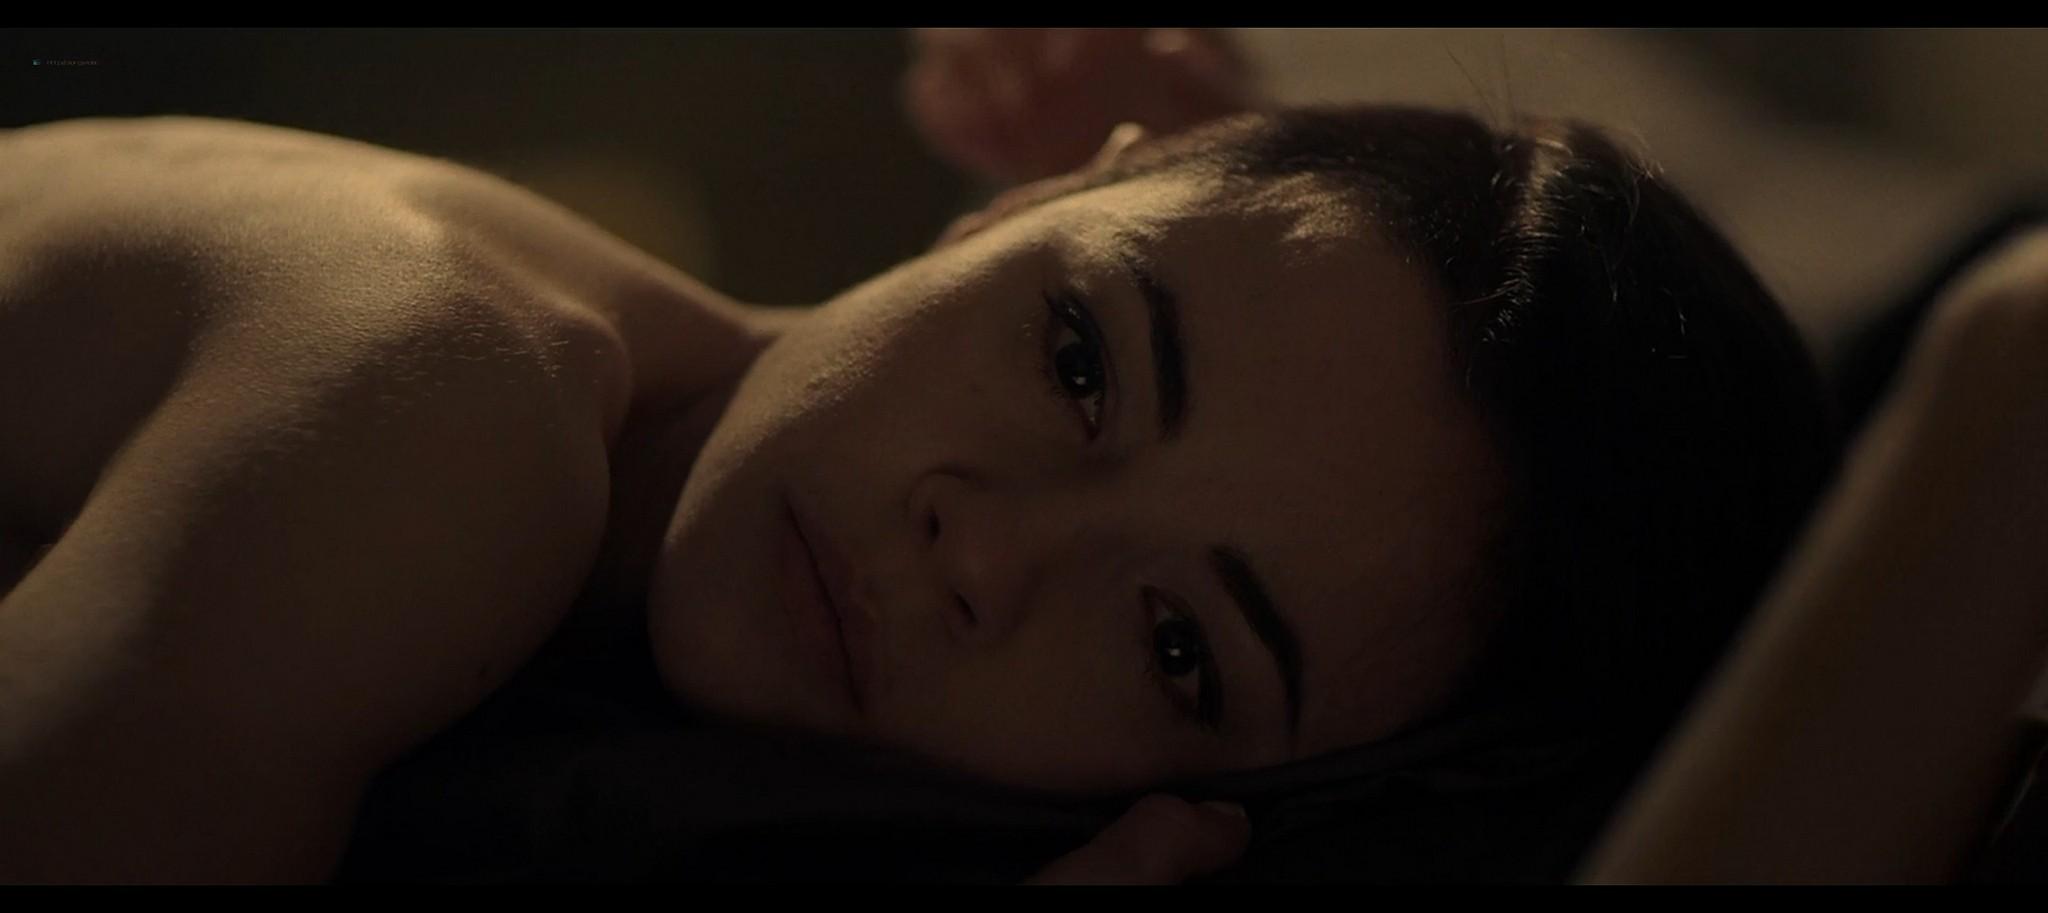 Francesca Agostini nude butt and Alessia Navarro sex lesbian bound Hope Lost 2015 hd1080p BluRay 13